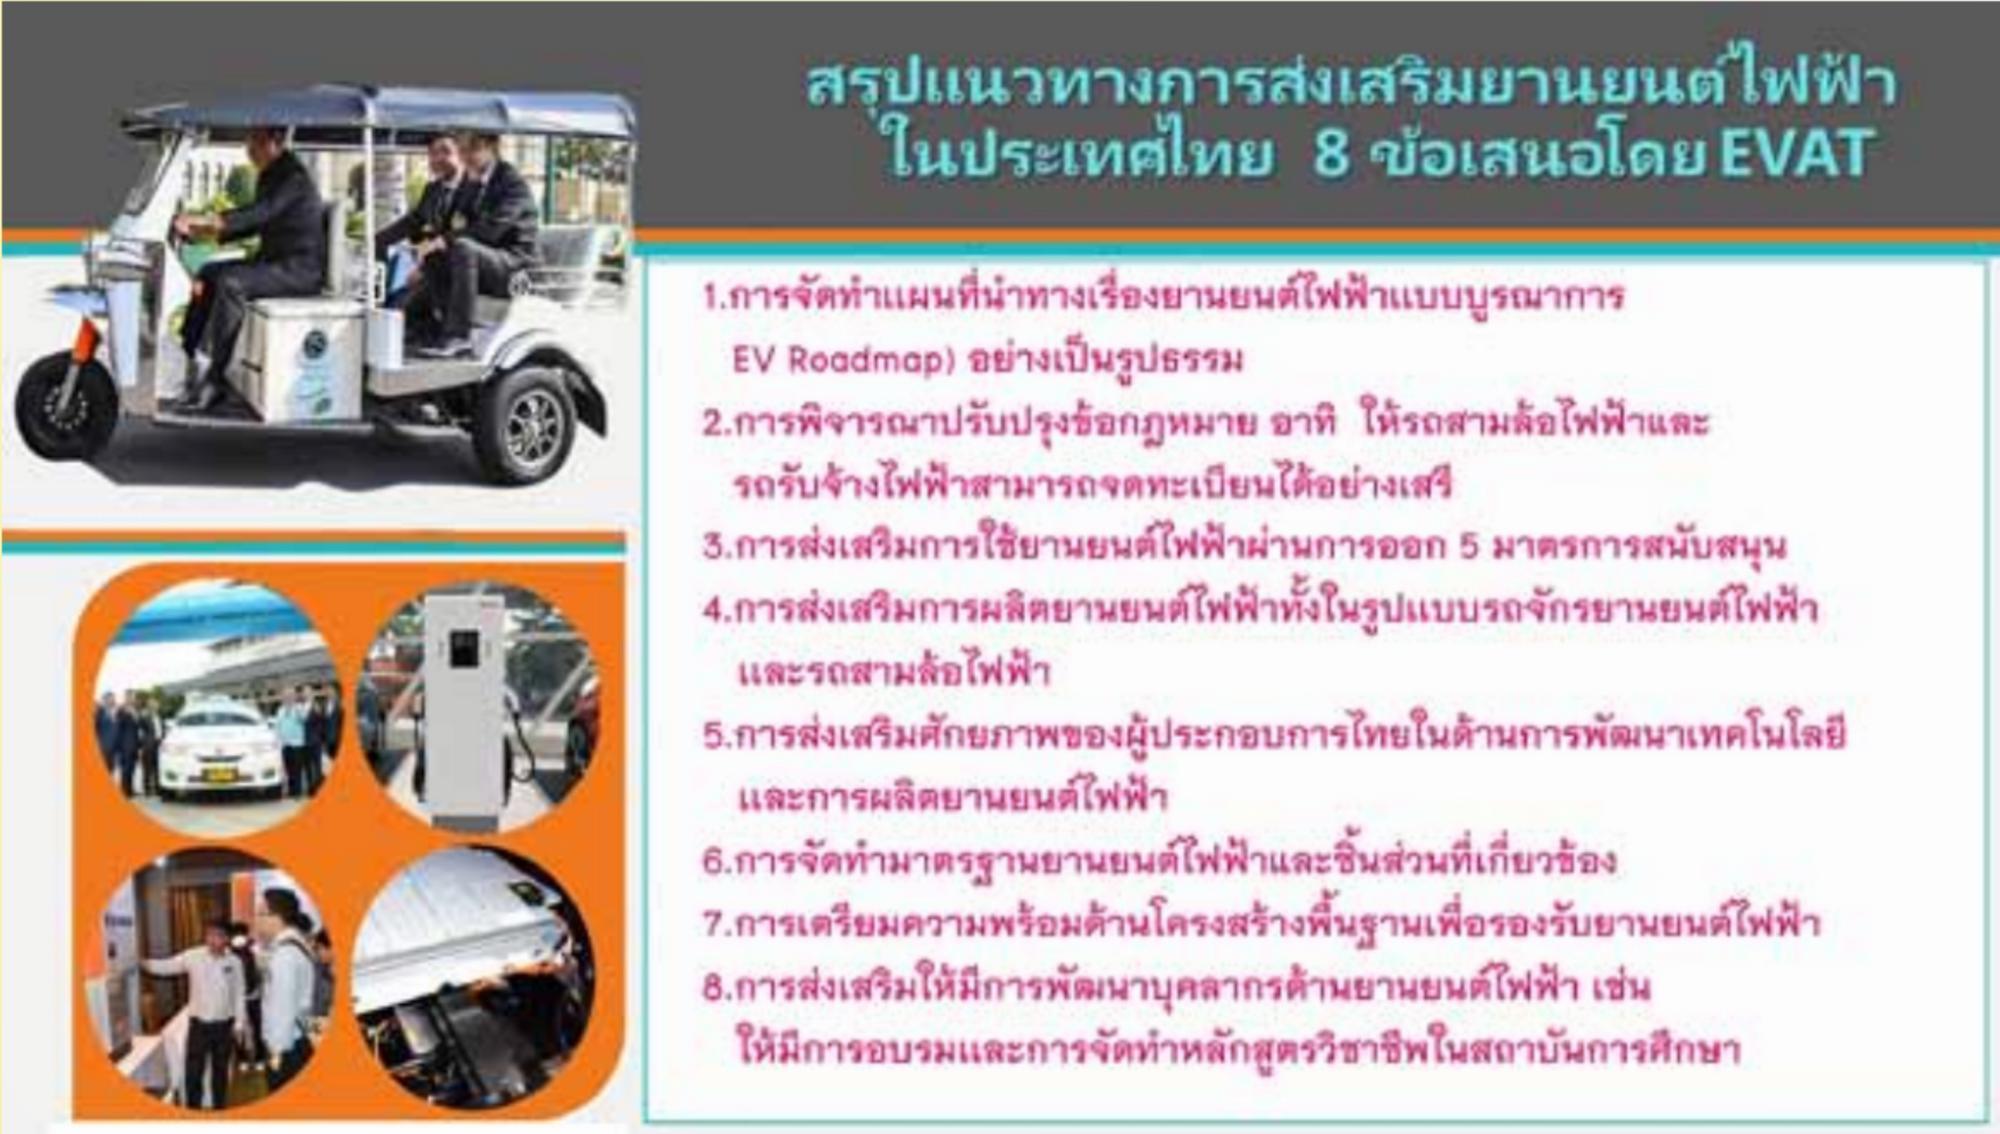 EVAT เสนอ 8 แนวทางให้รัฐส่งเสริมอีวีผลักดันไทยสู่สังคมยานยนต์ไร้มลพิษ